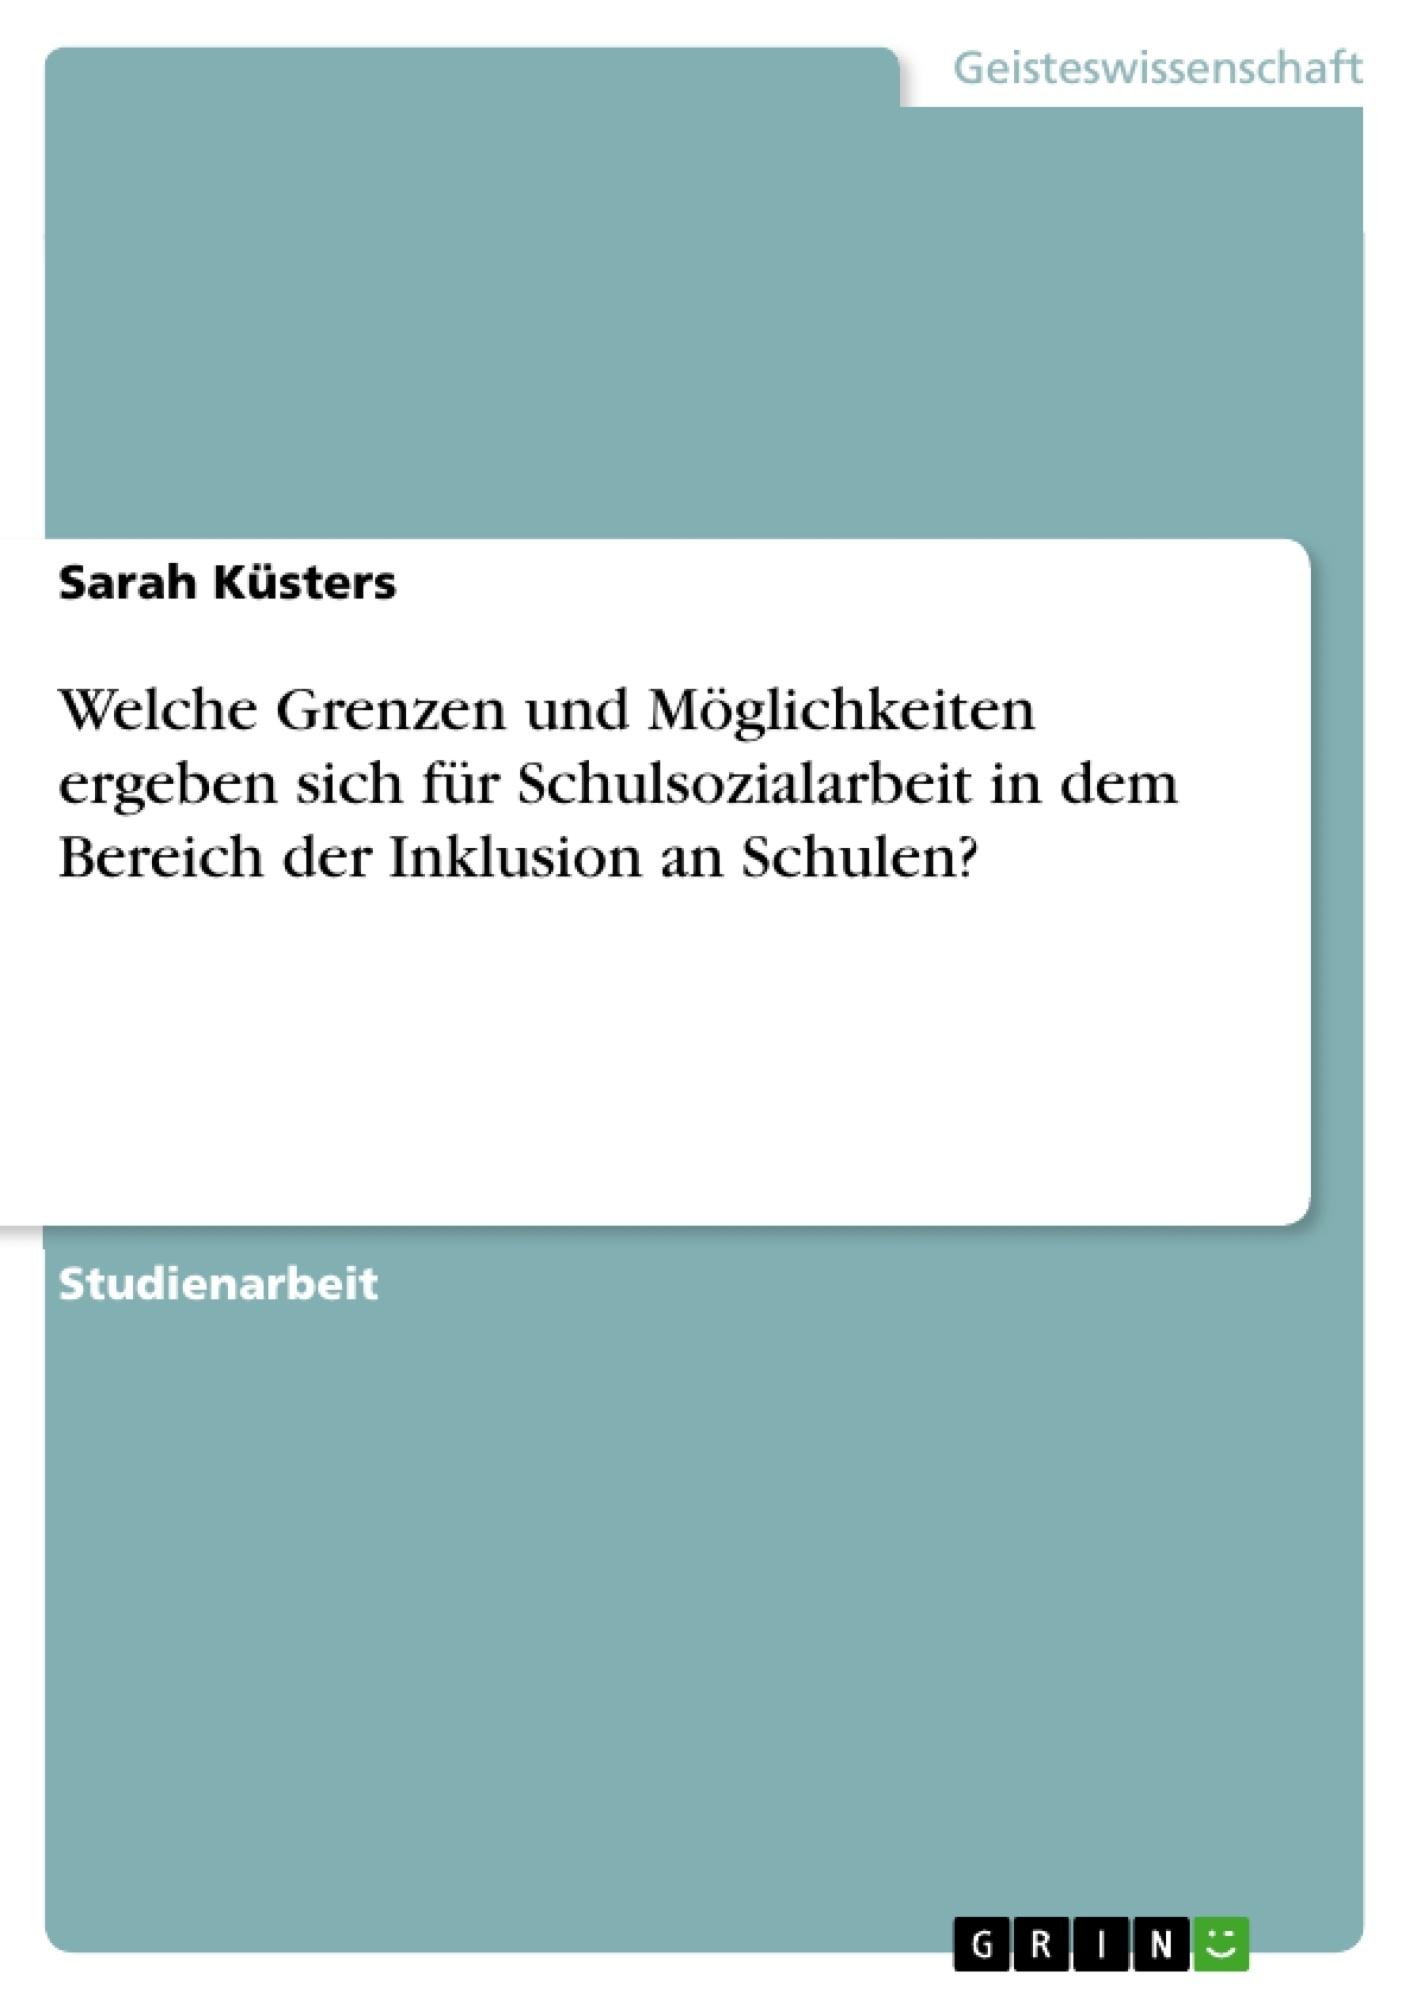 Titel: Welche Grenzen und Möglichkeiten ergeben sich für Schulsozialarbeit in dem Bereich der Inklusion an Schulen?